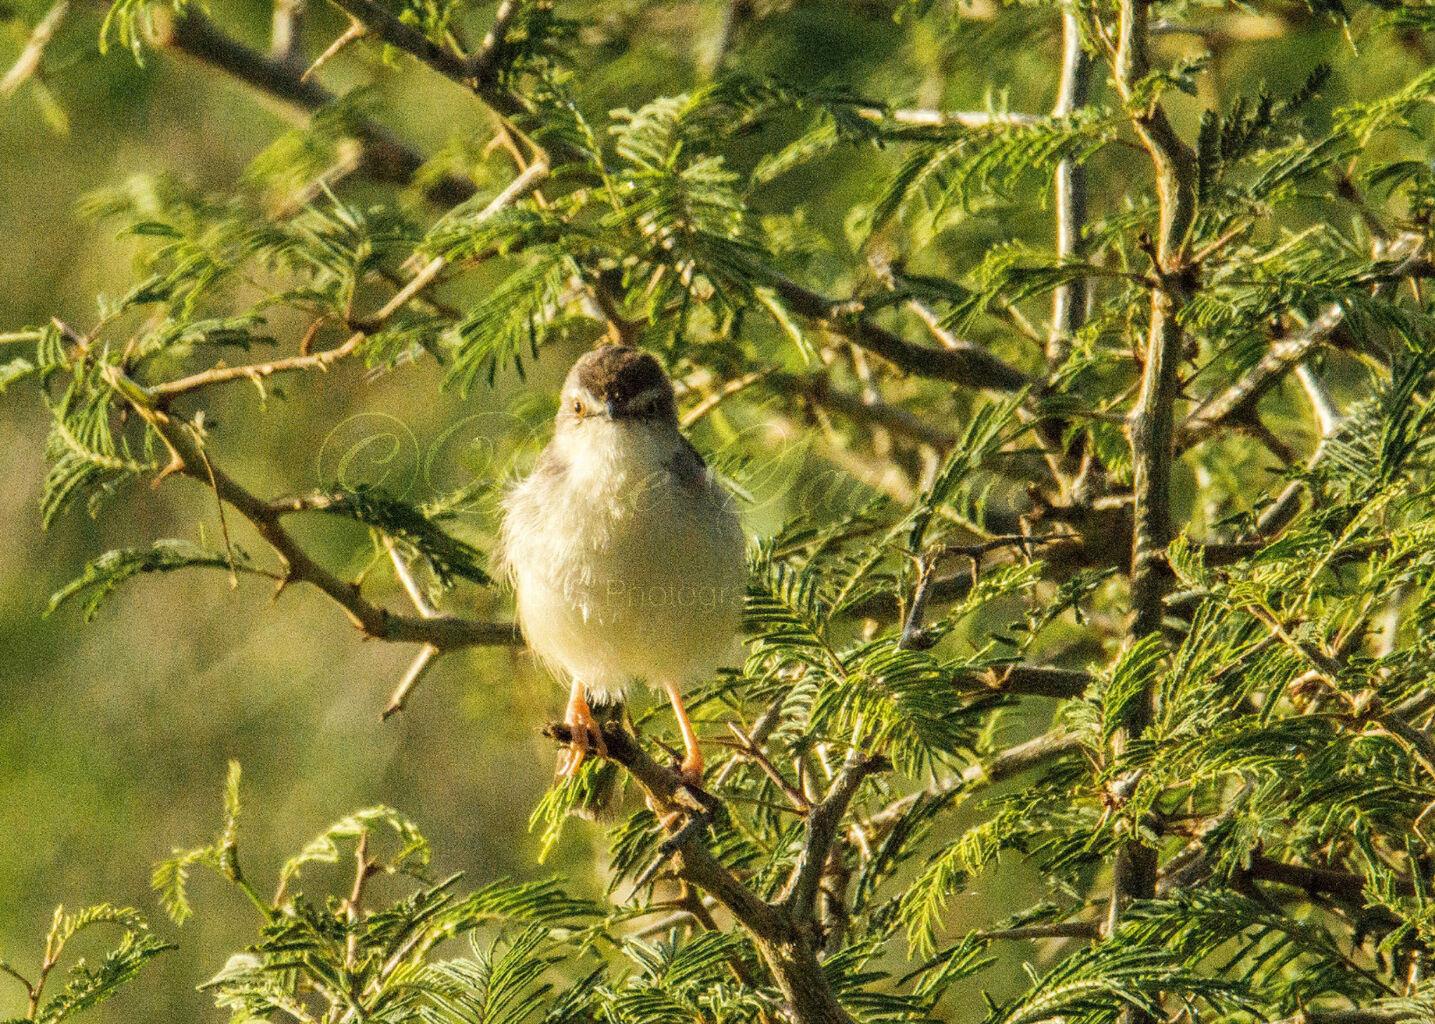 Blyth's Reed Warbler 1